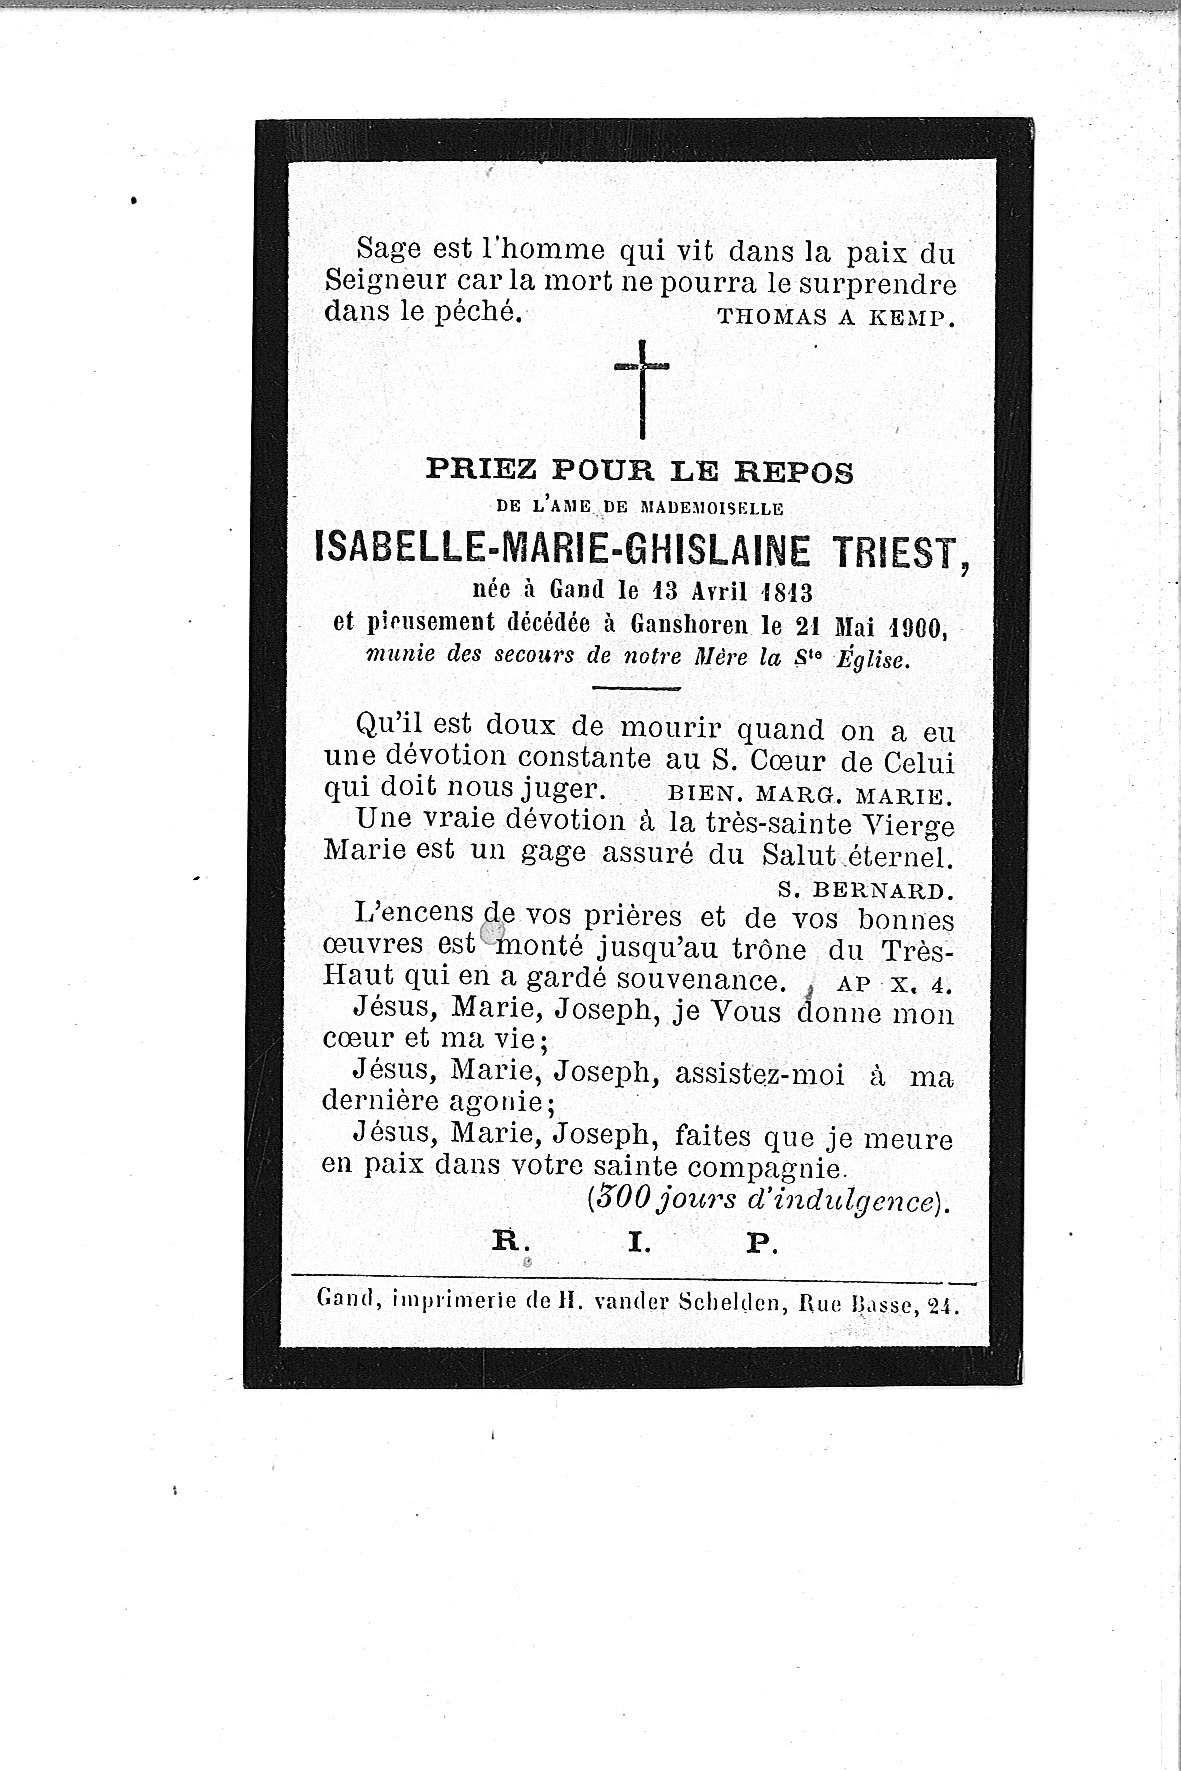 Isabelle-Marie-Ghislaine(1900)20120621134457_00121.jpg